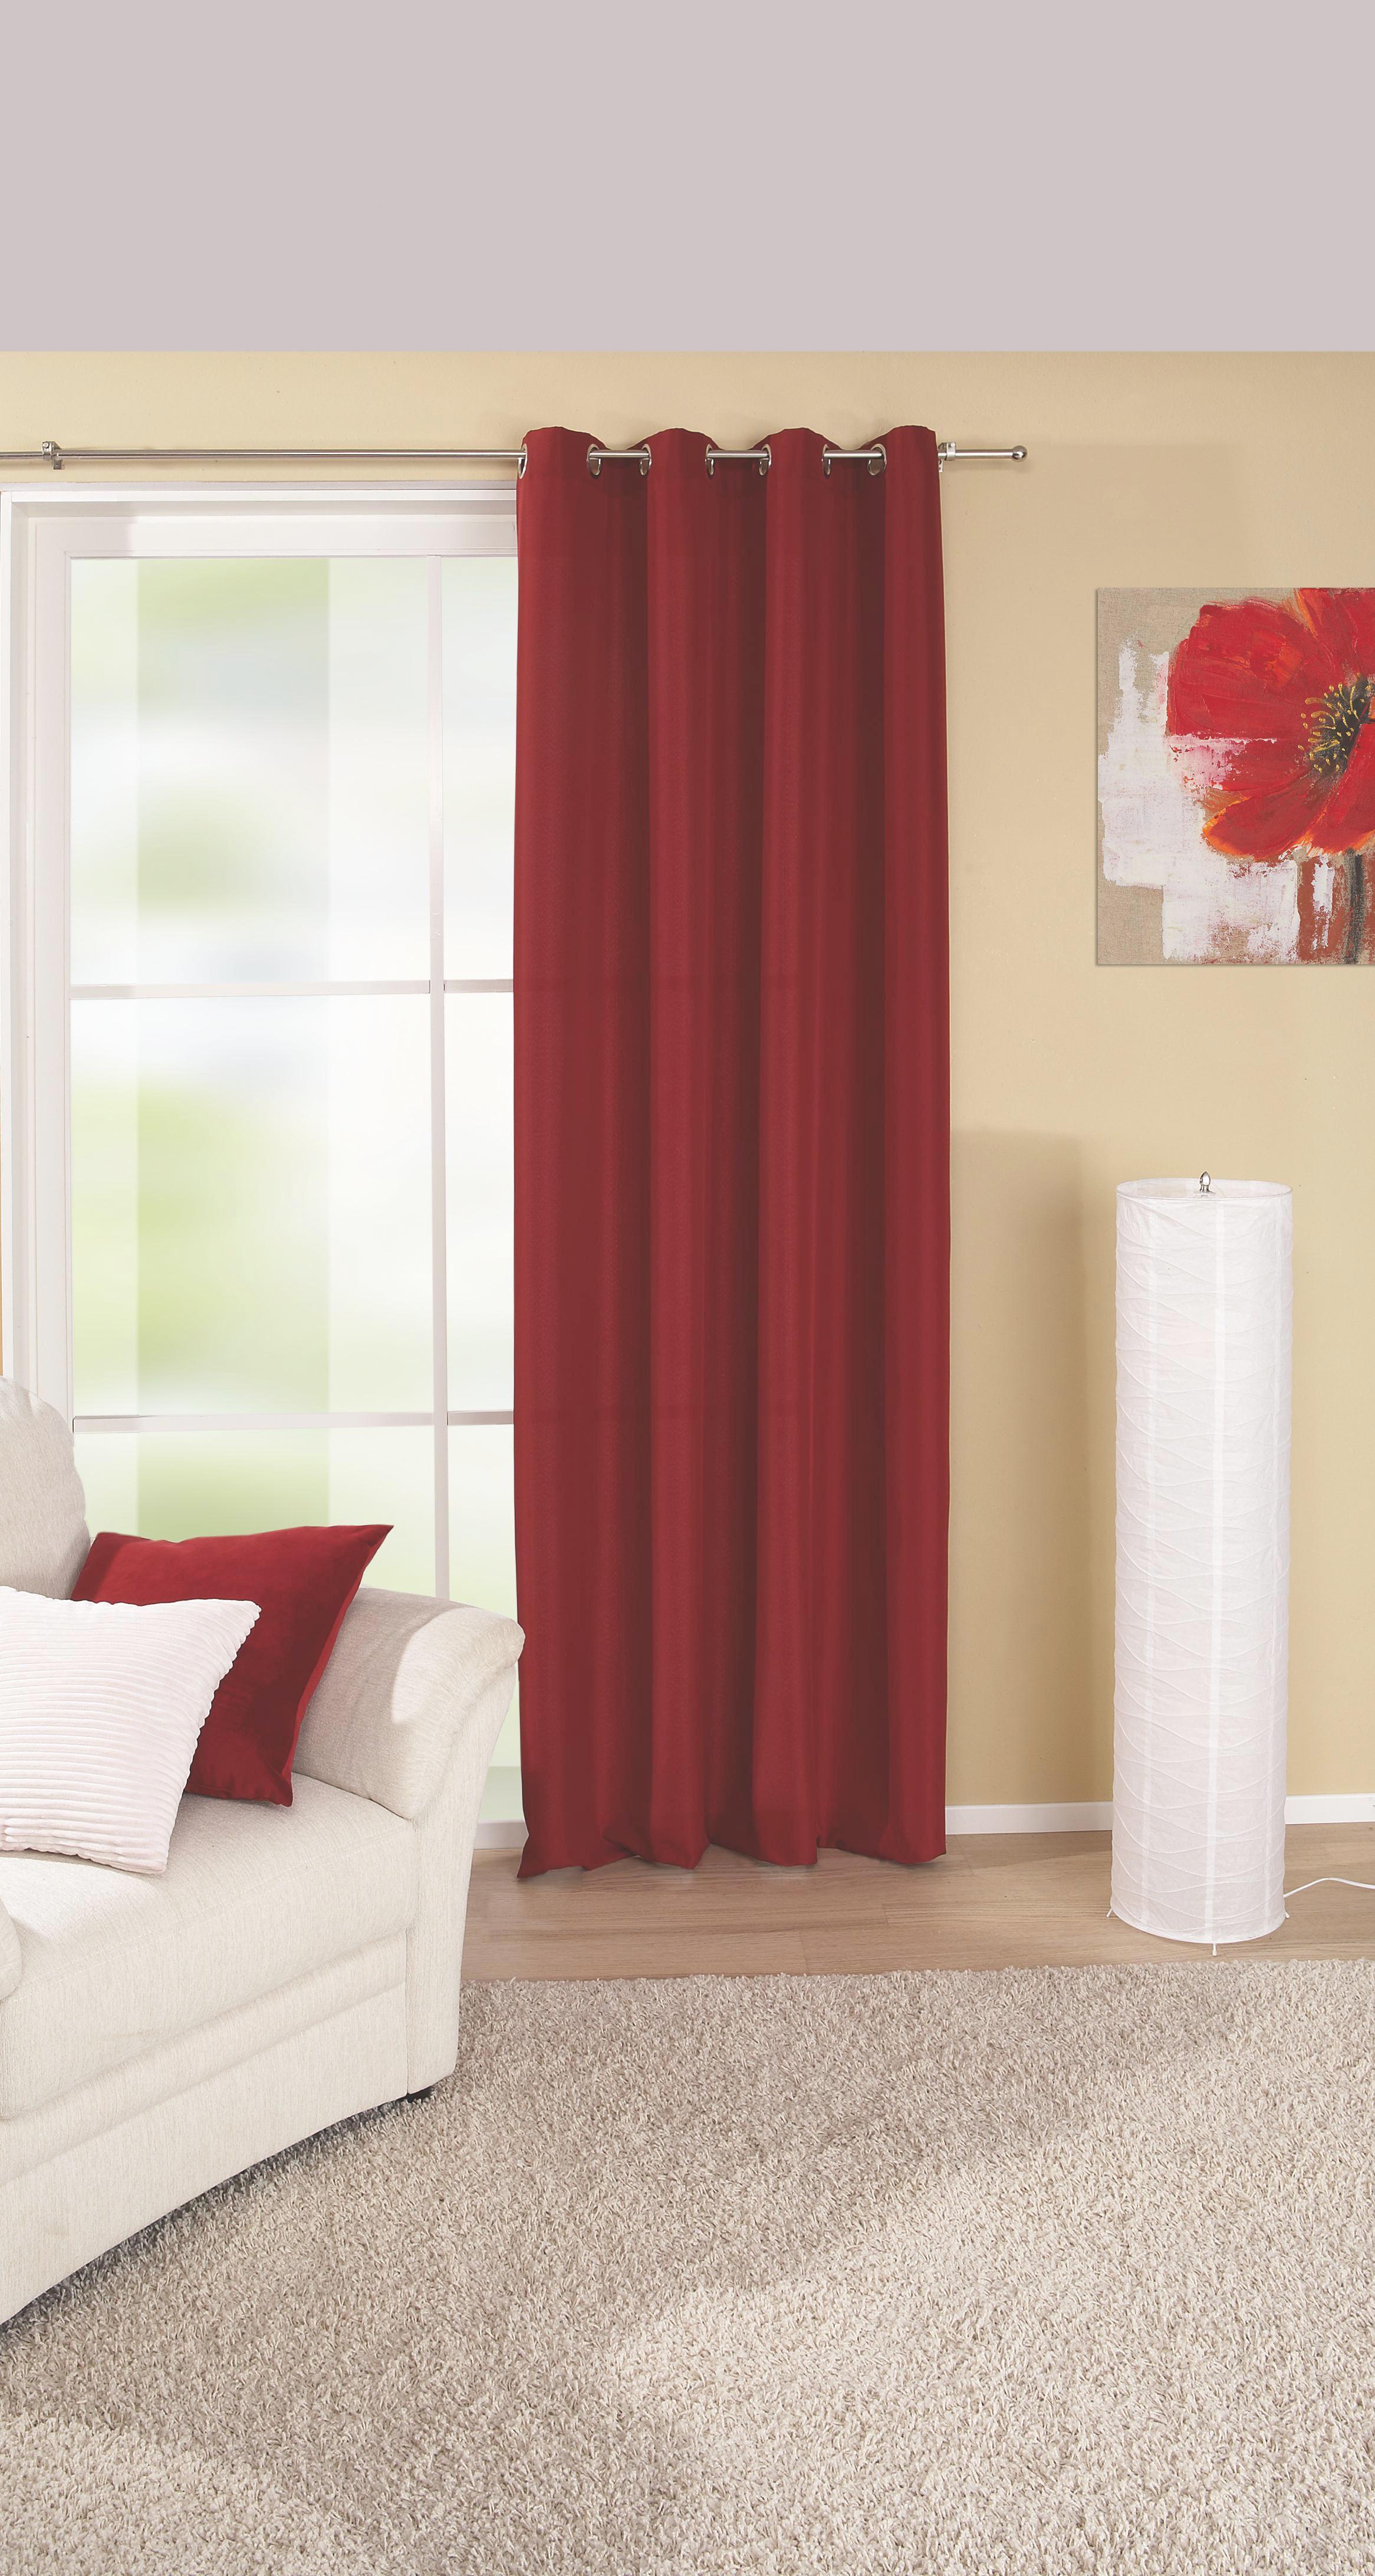 Készfüggöny Ocean - piros, konvencionális, textil (140/245cm) - MÖBELIX